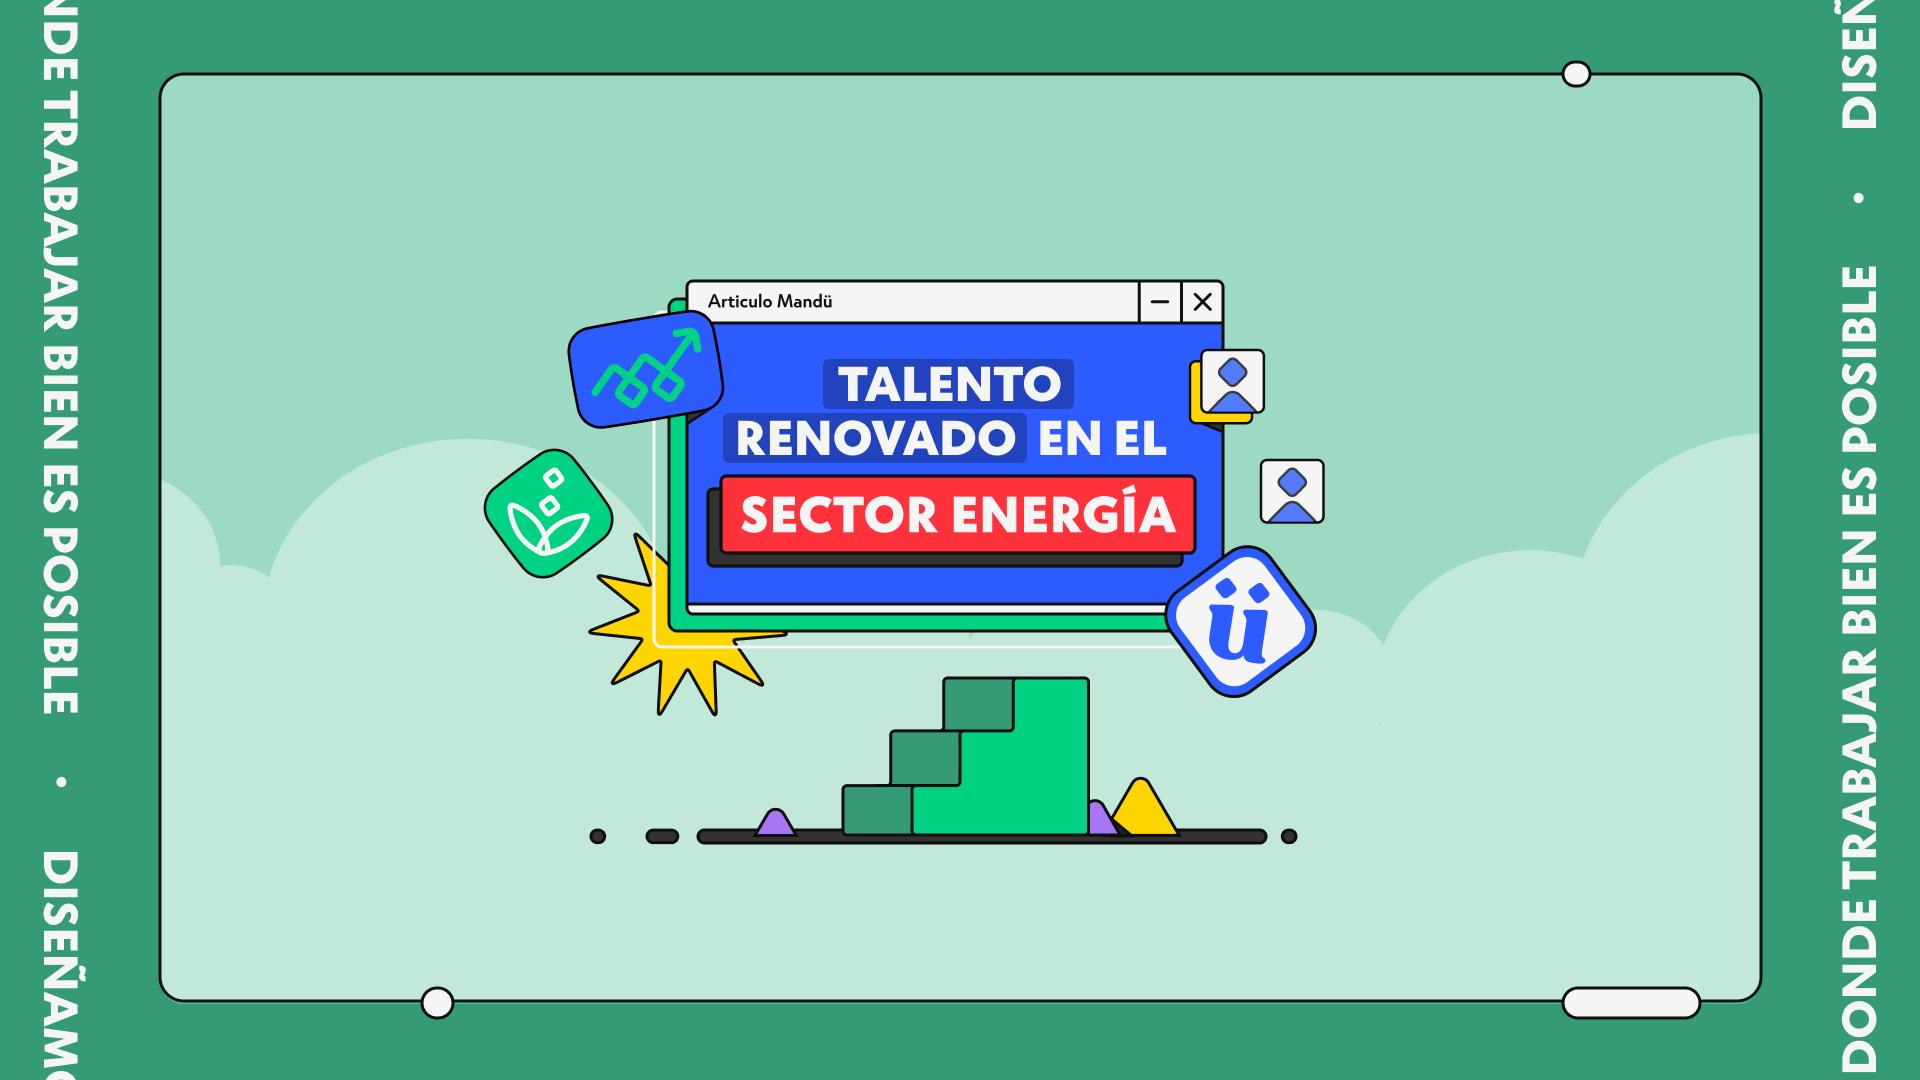 Talento renovado en el sector energía